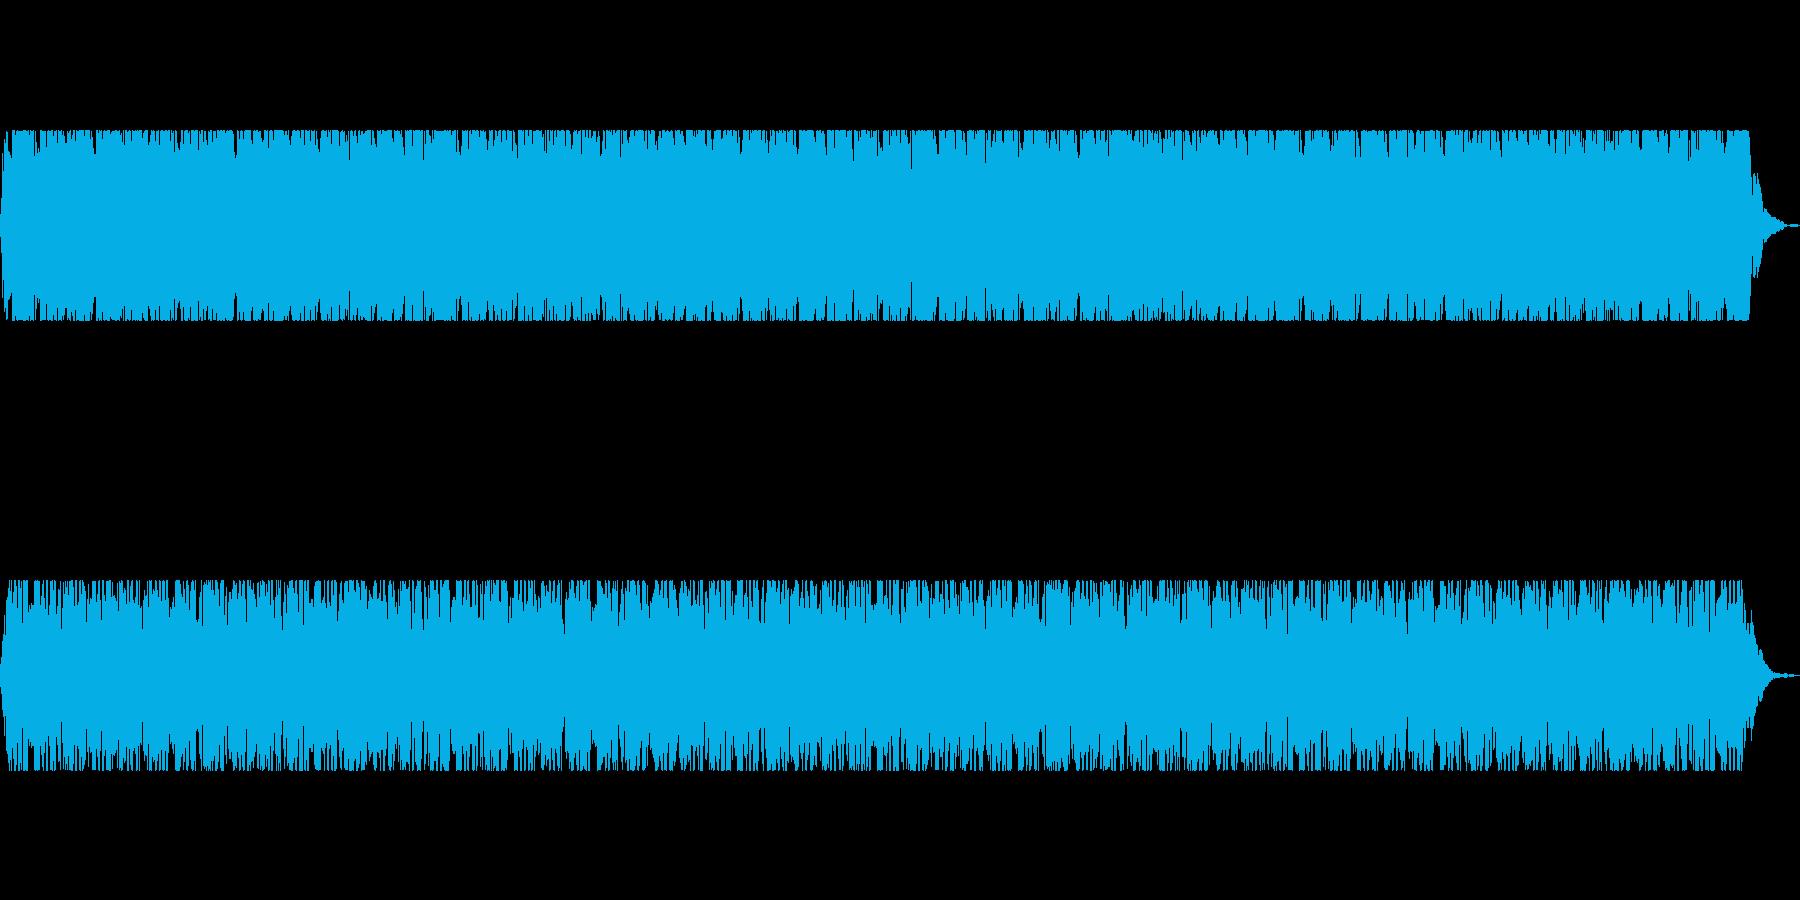 【サイレン01-3】の再生済みの波形